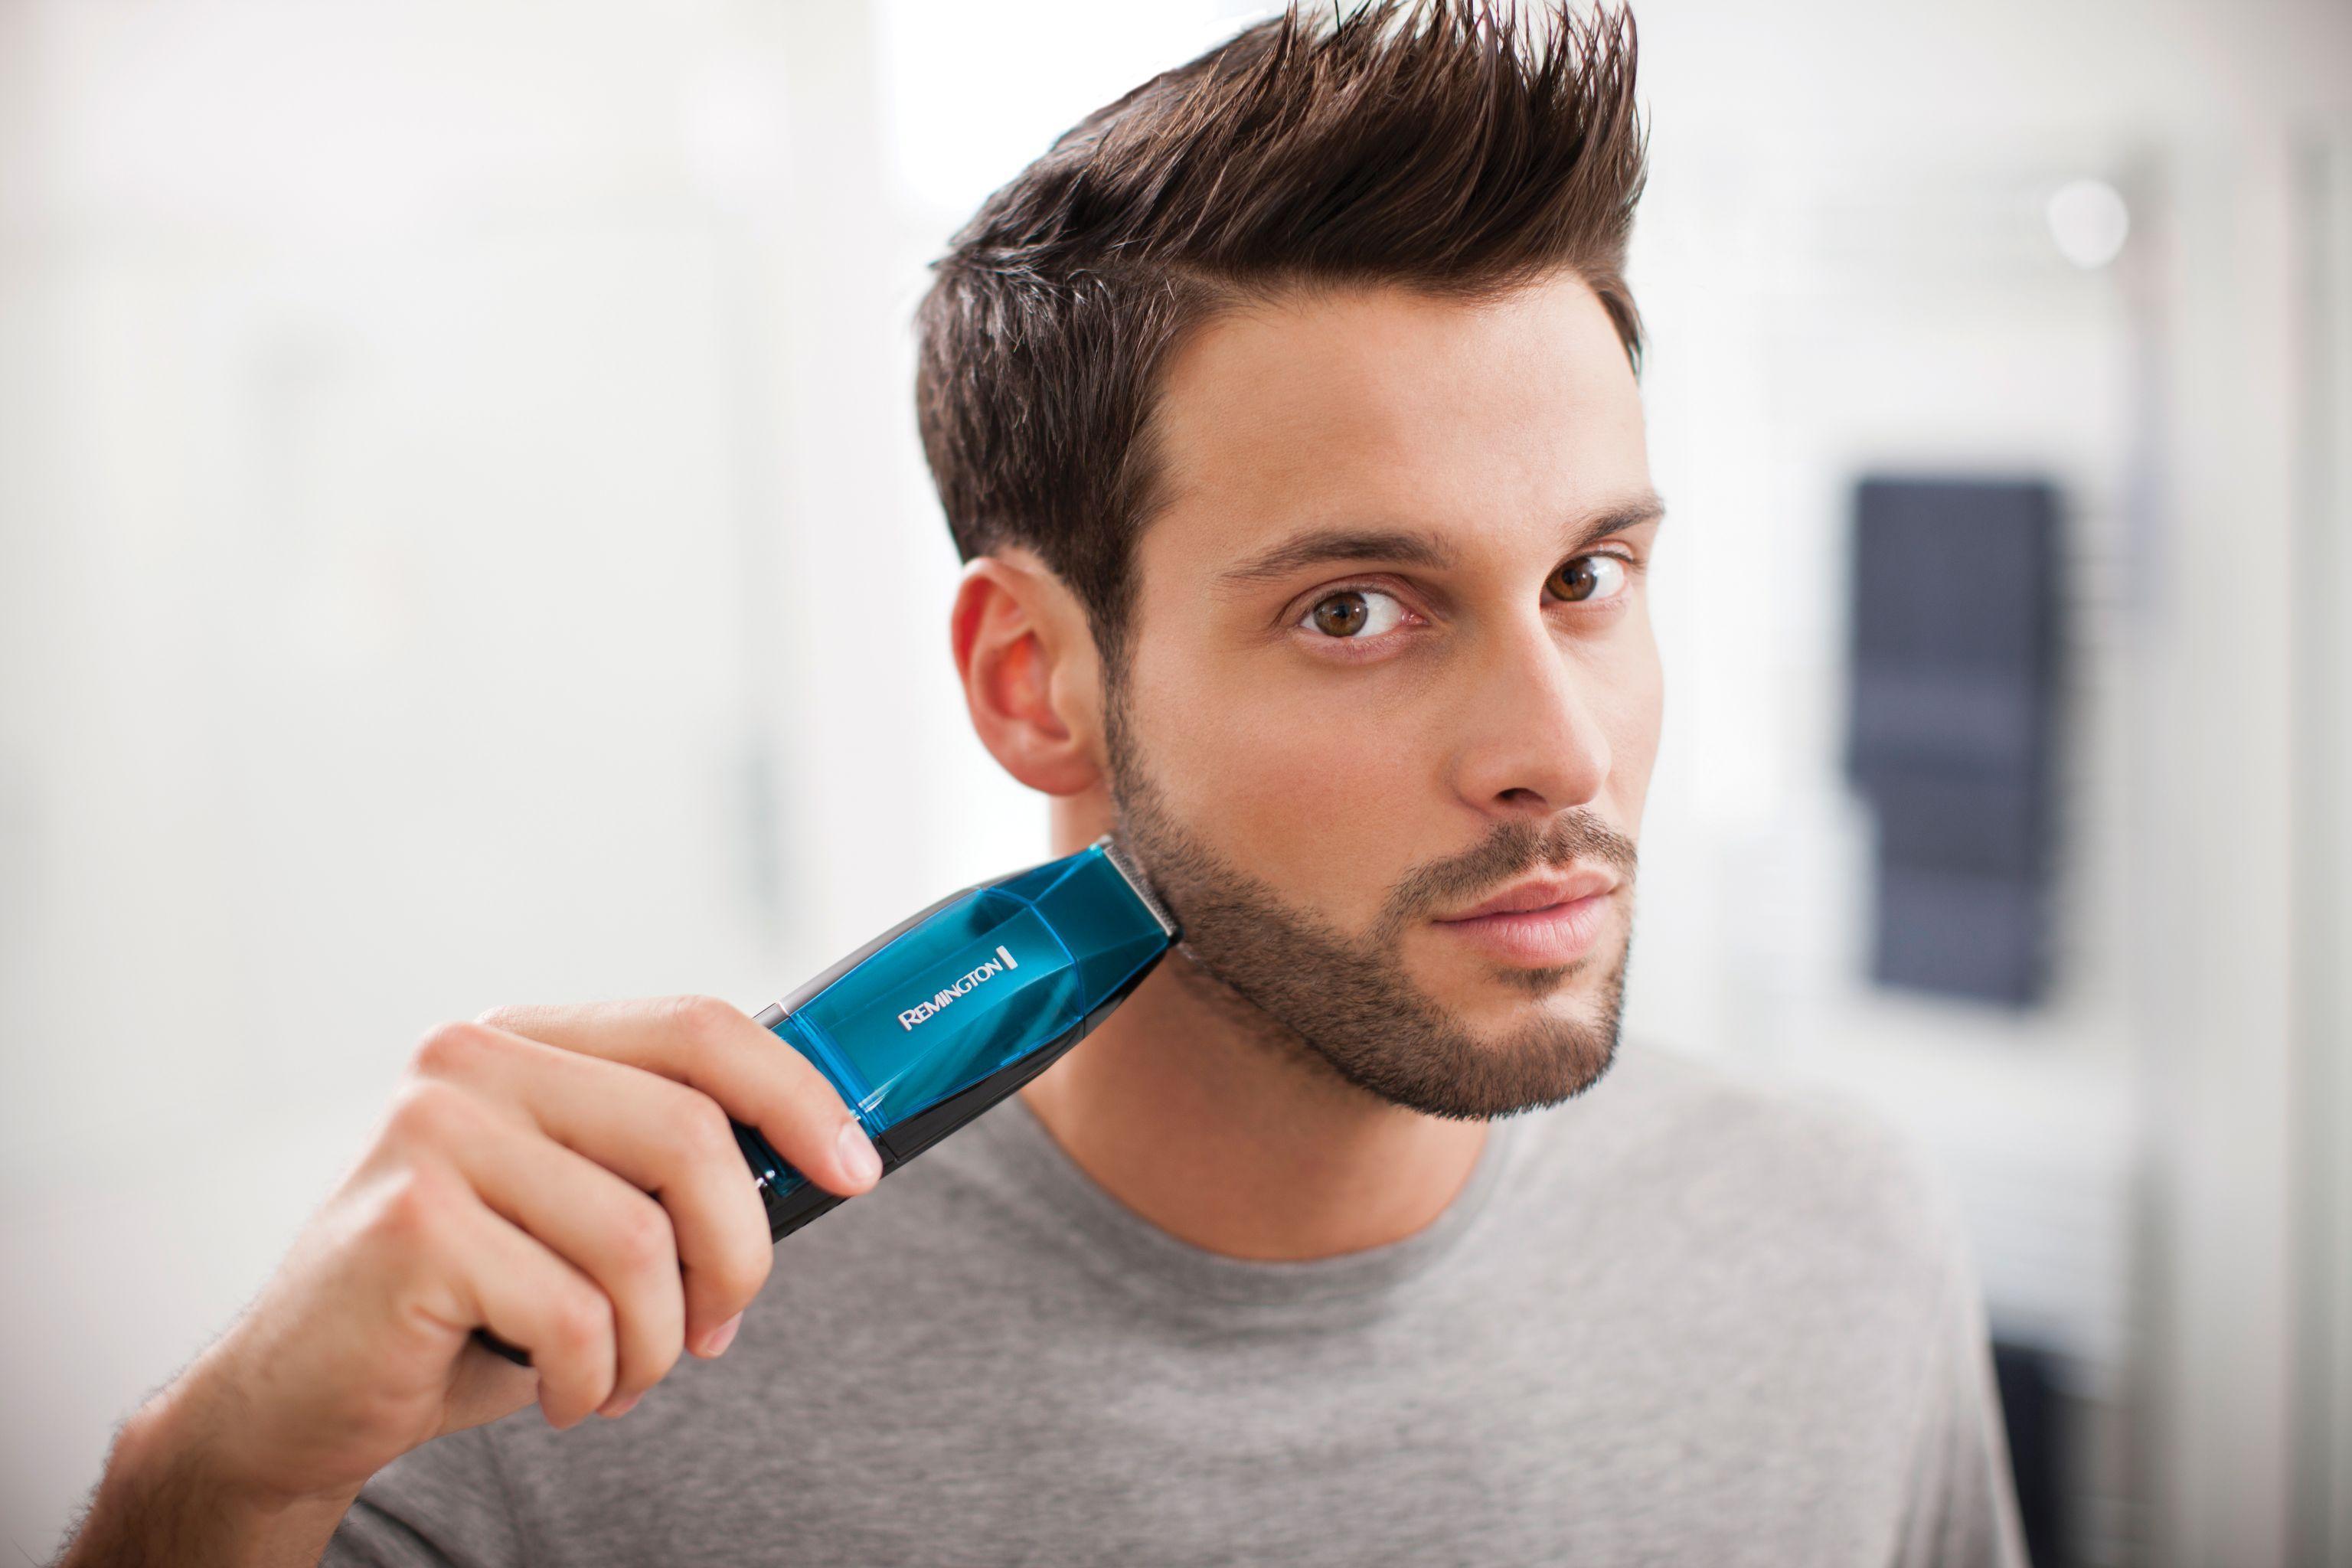 Estilos de barba para hombres the image for Estilos de barba sin bigote